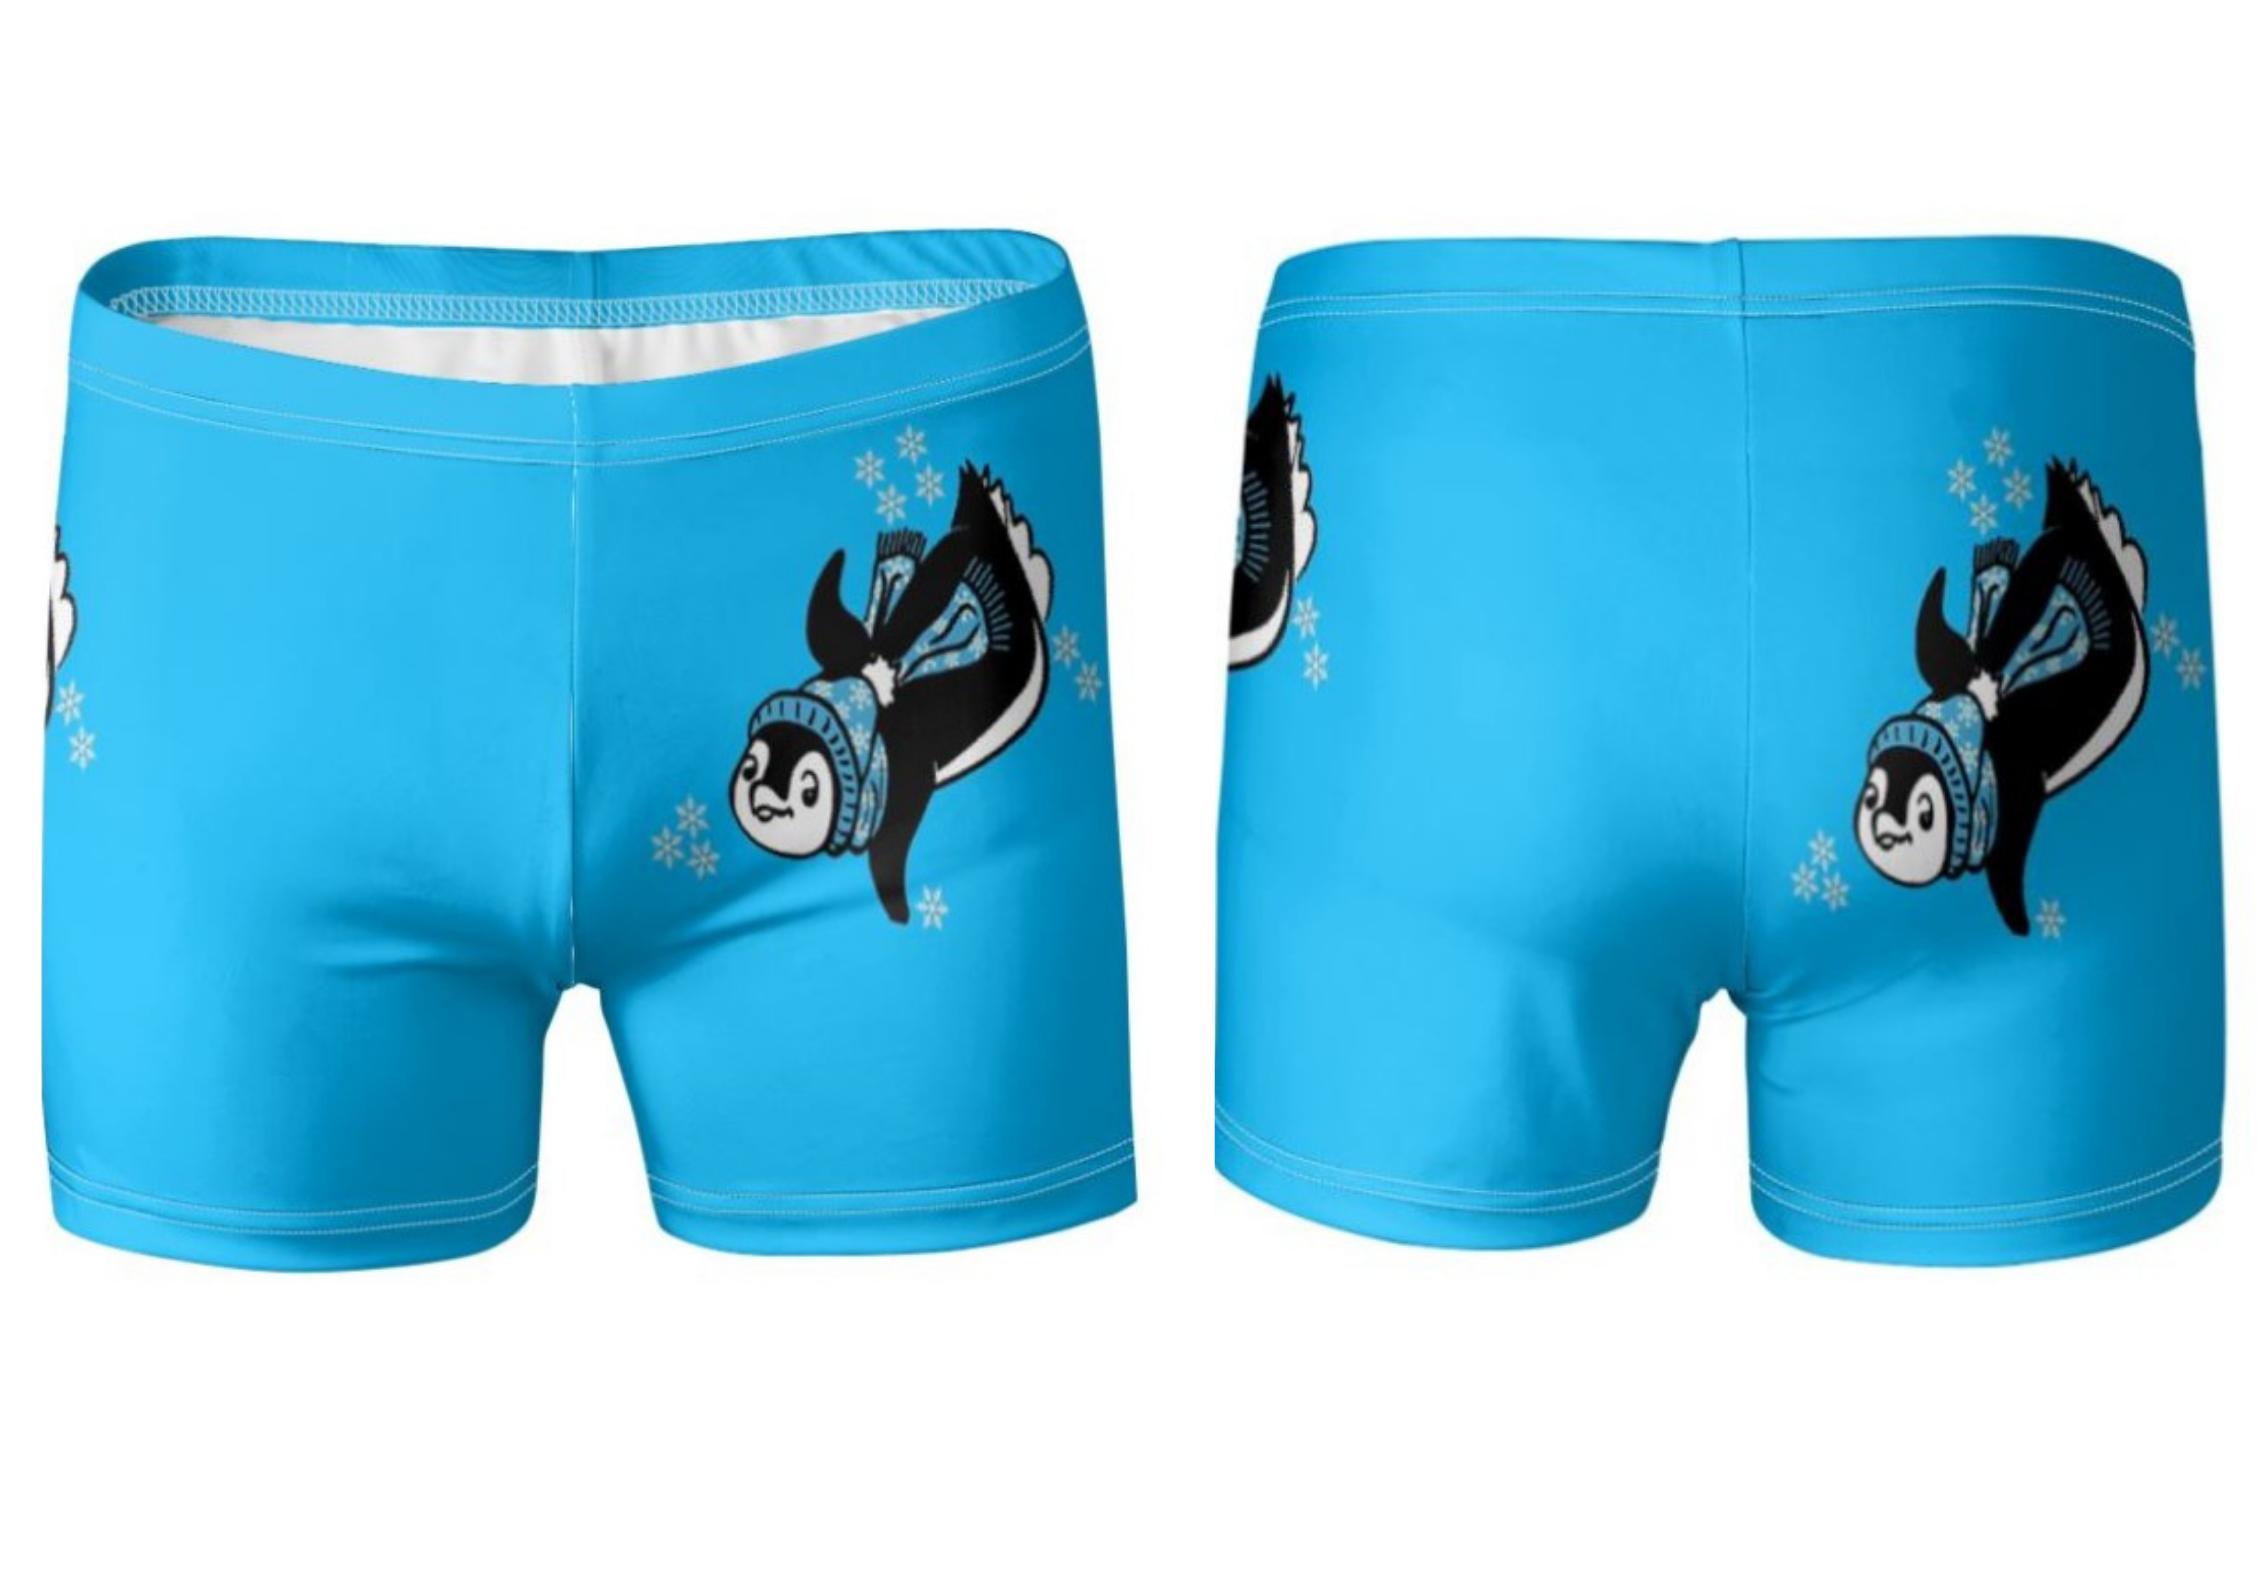 Penguin swim trunks canva